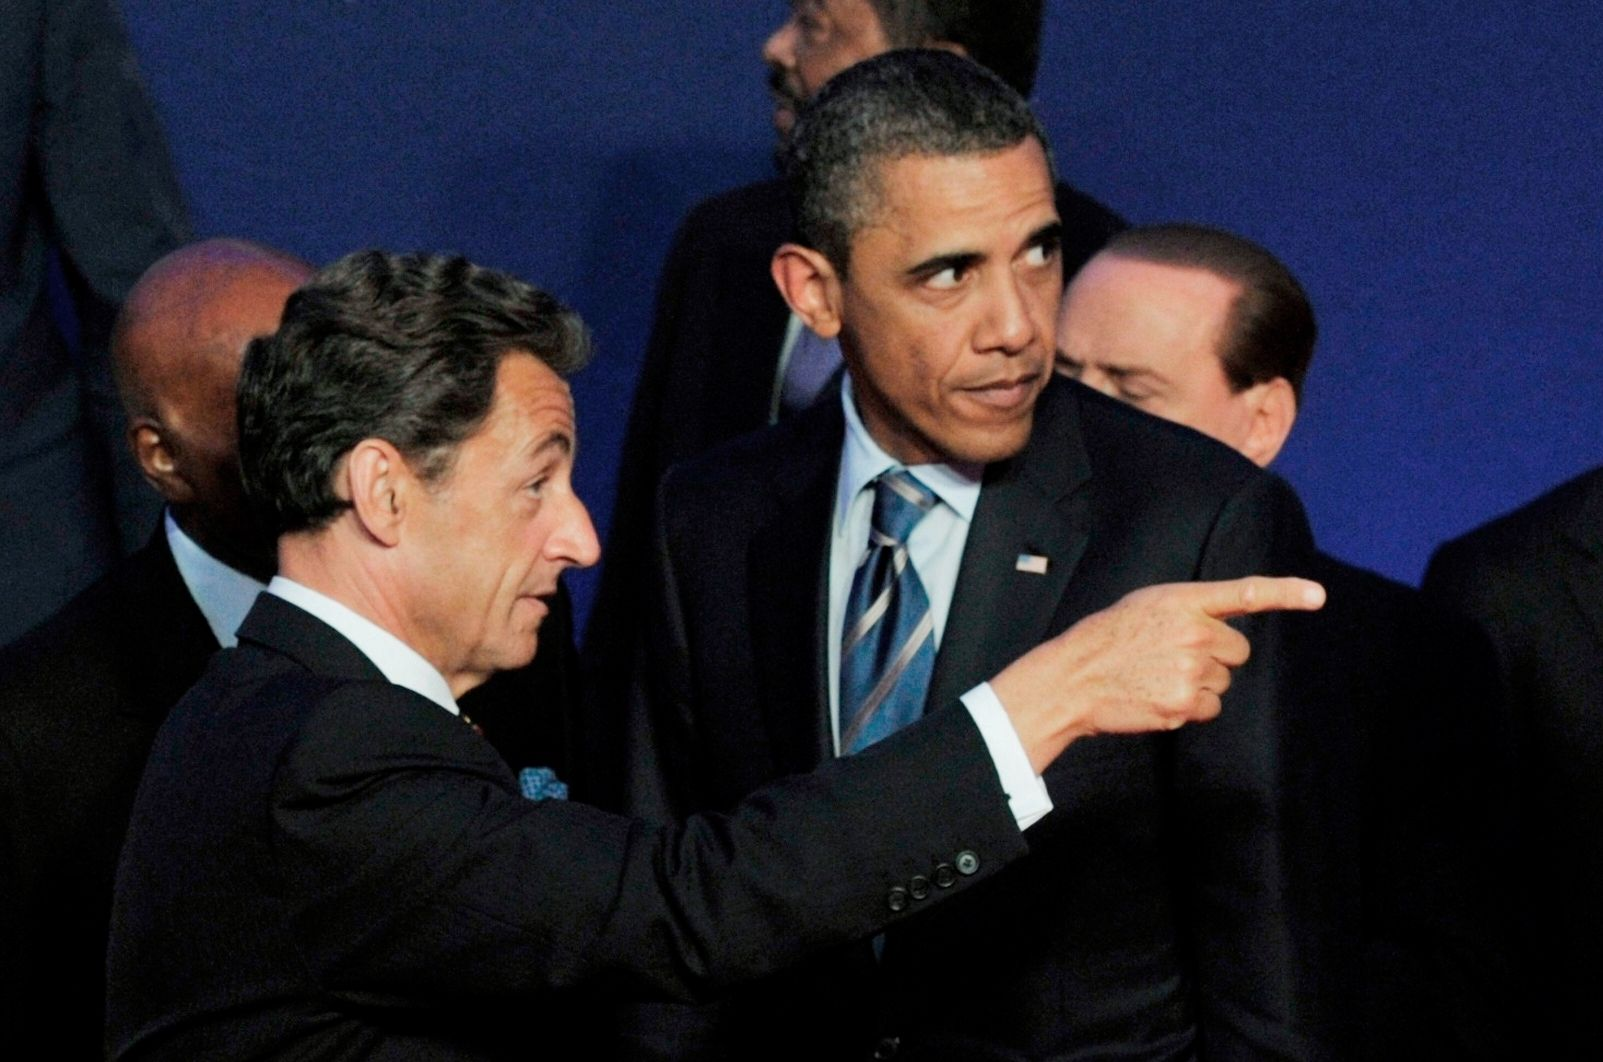 L'Élysée vient d'annoncer que le retrait des 4000 soldats français d'Afghanistan commencerait en 2012.